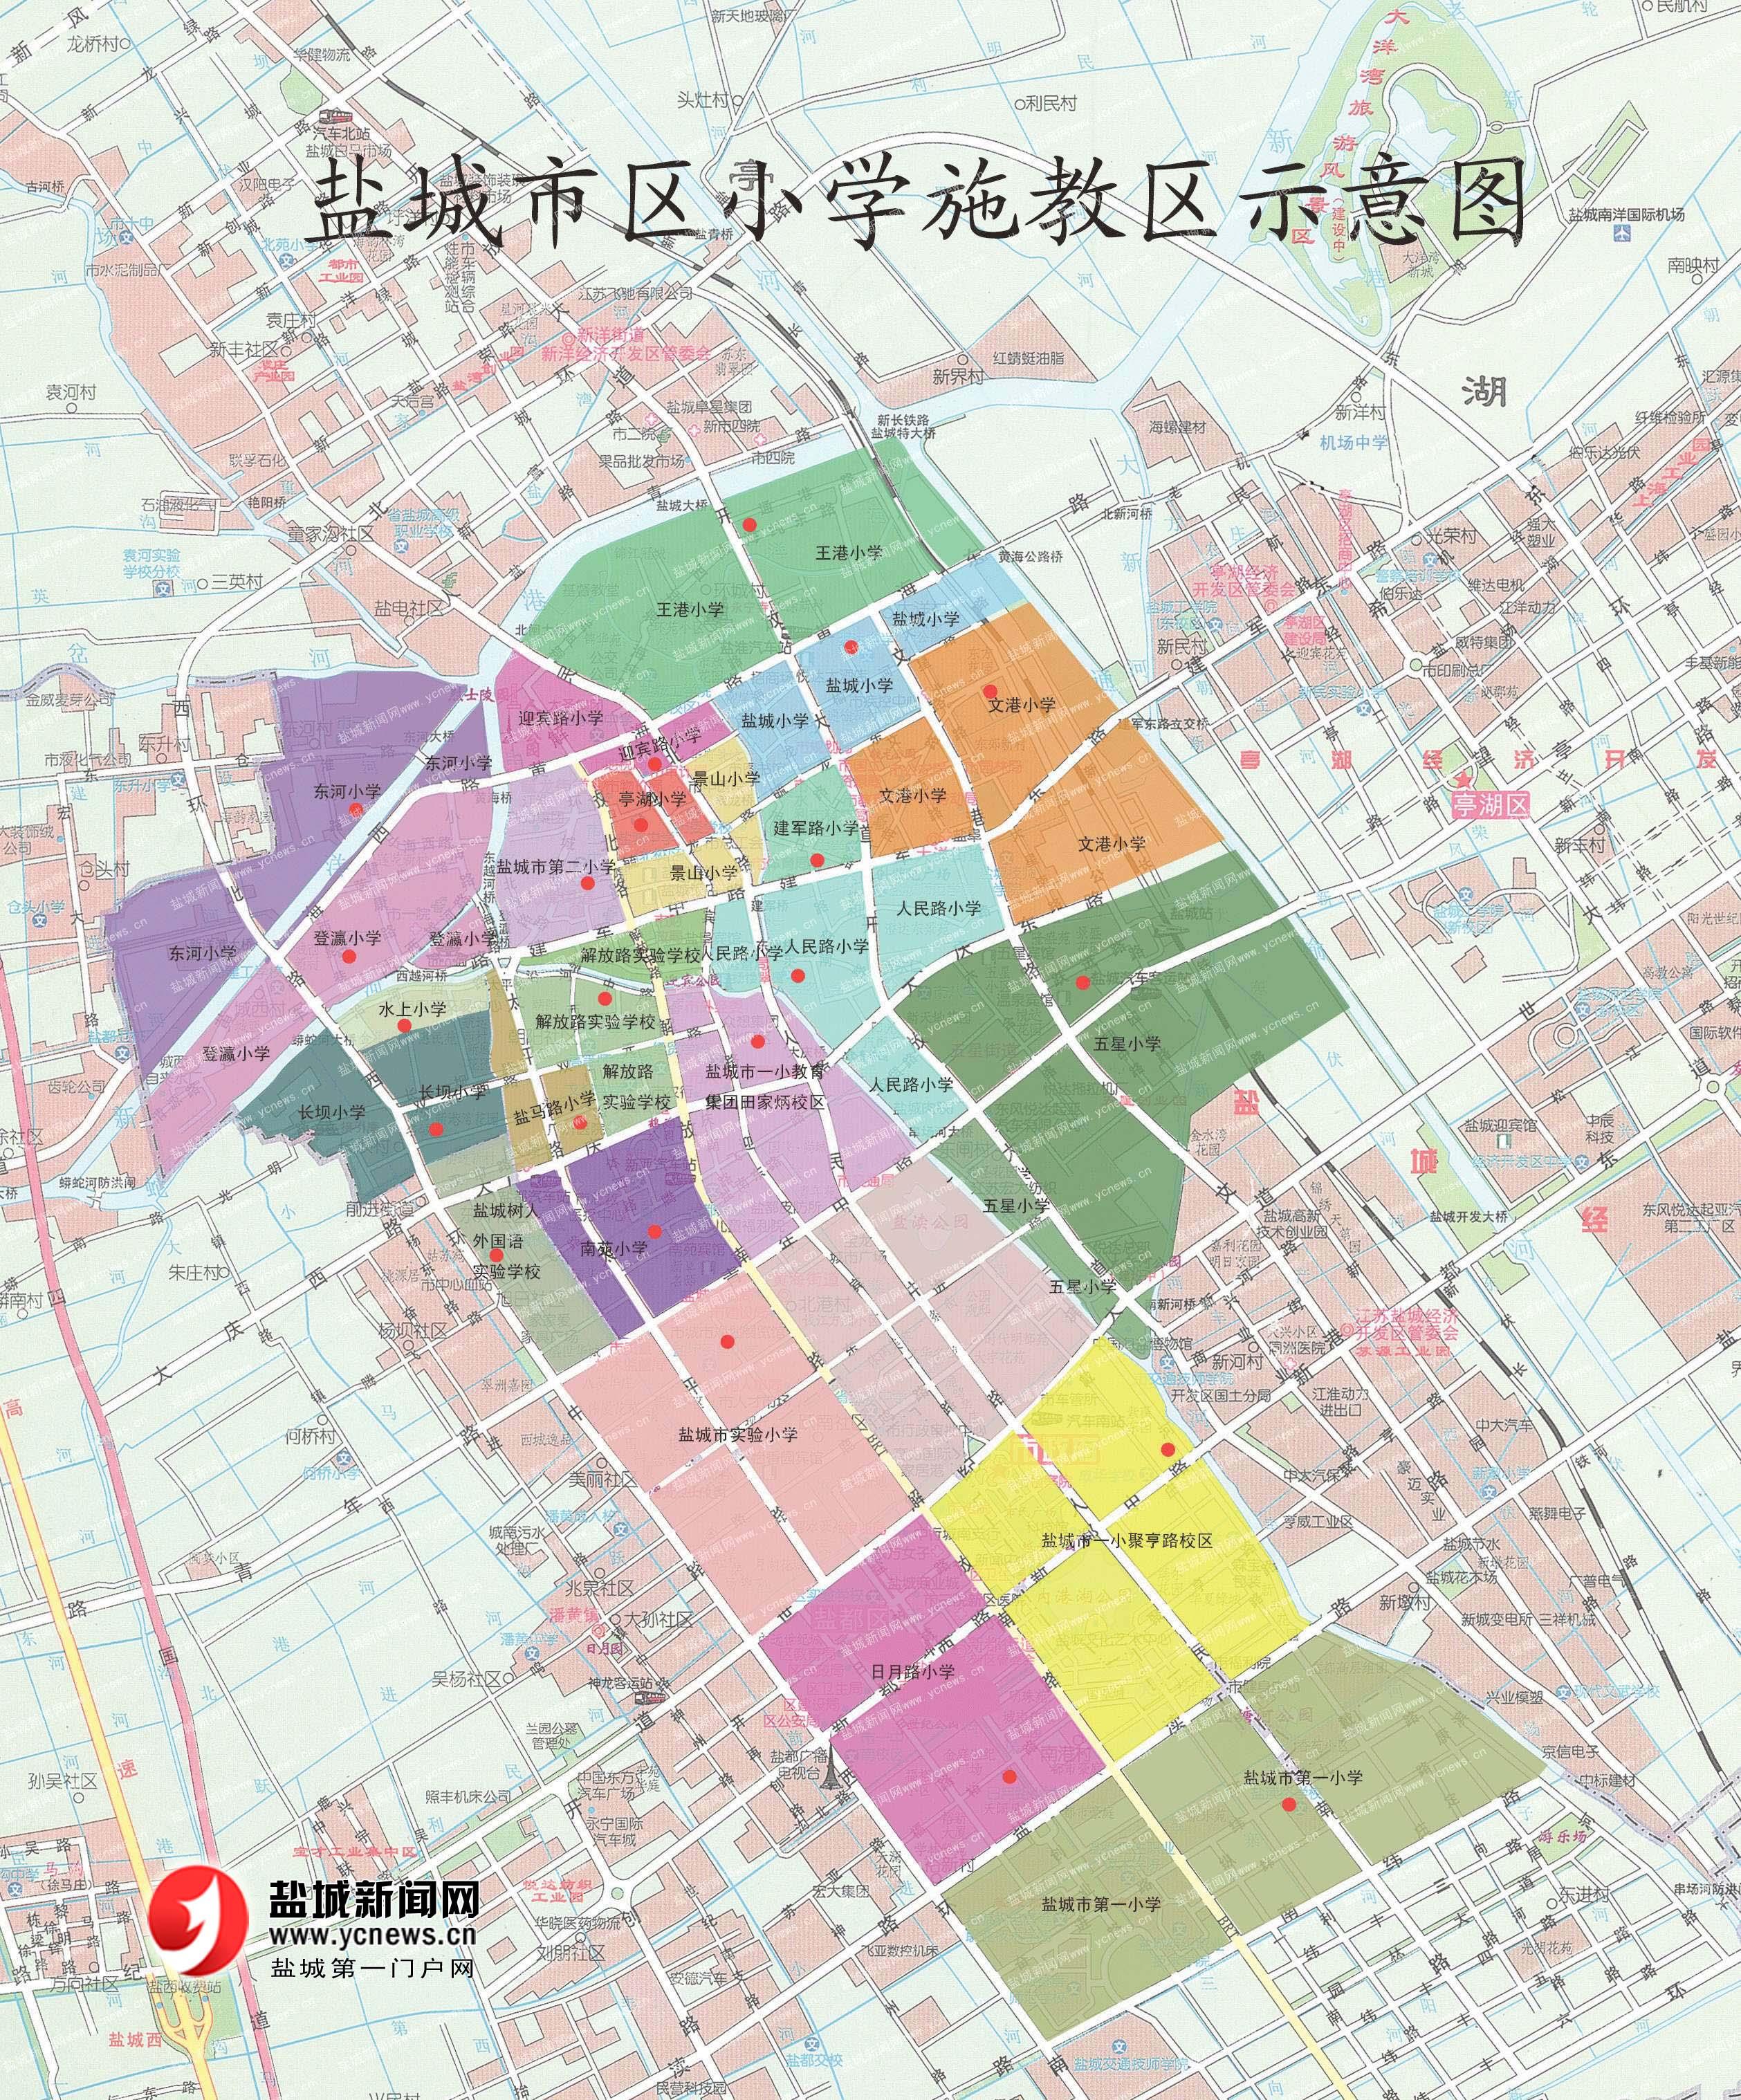 吉林市初中学区划分图 吉林市初中学区划分图最新图片 乐悠游网图片